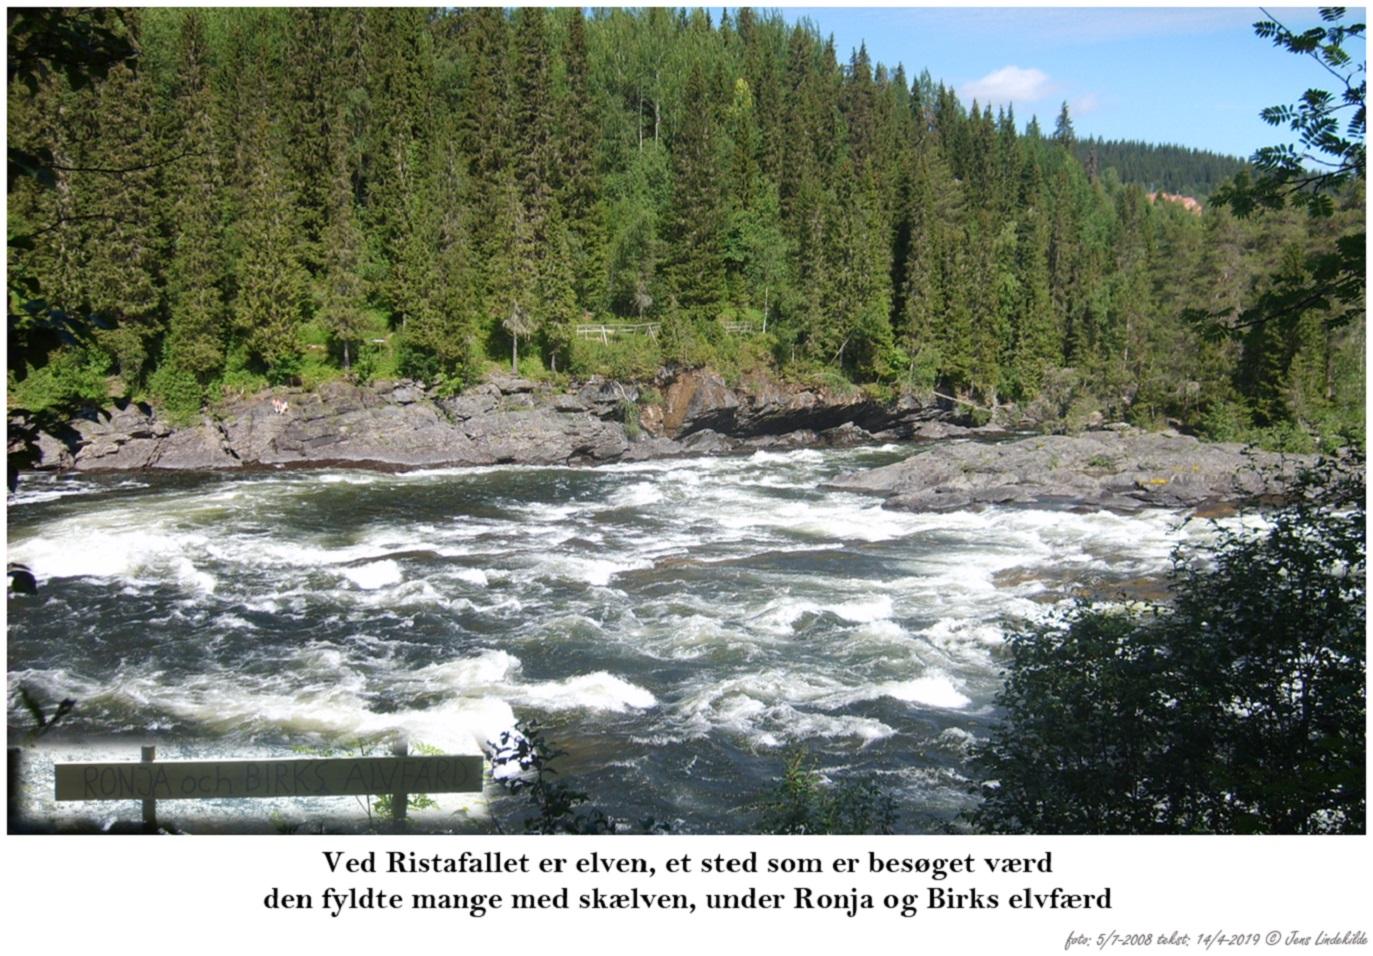 Ved-Ristafallet-er-elven